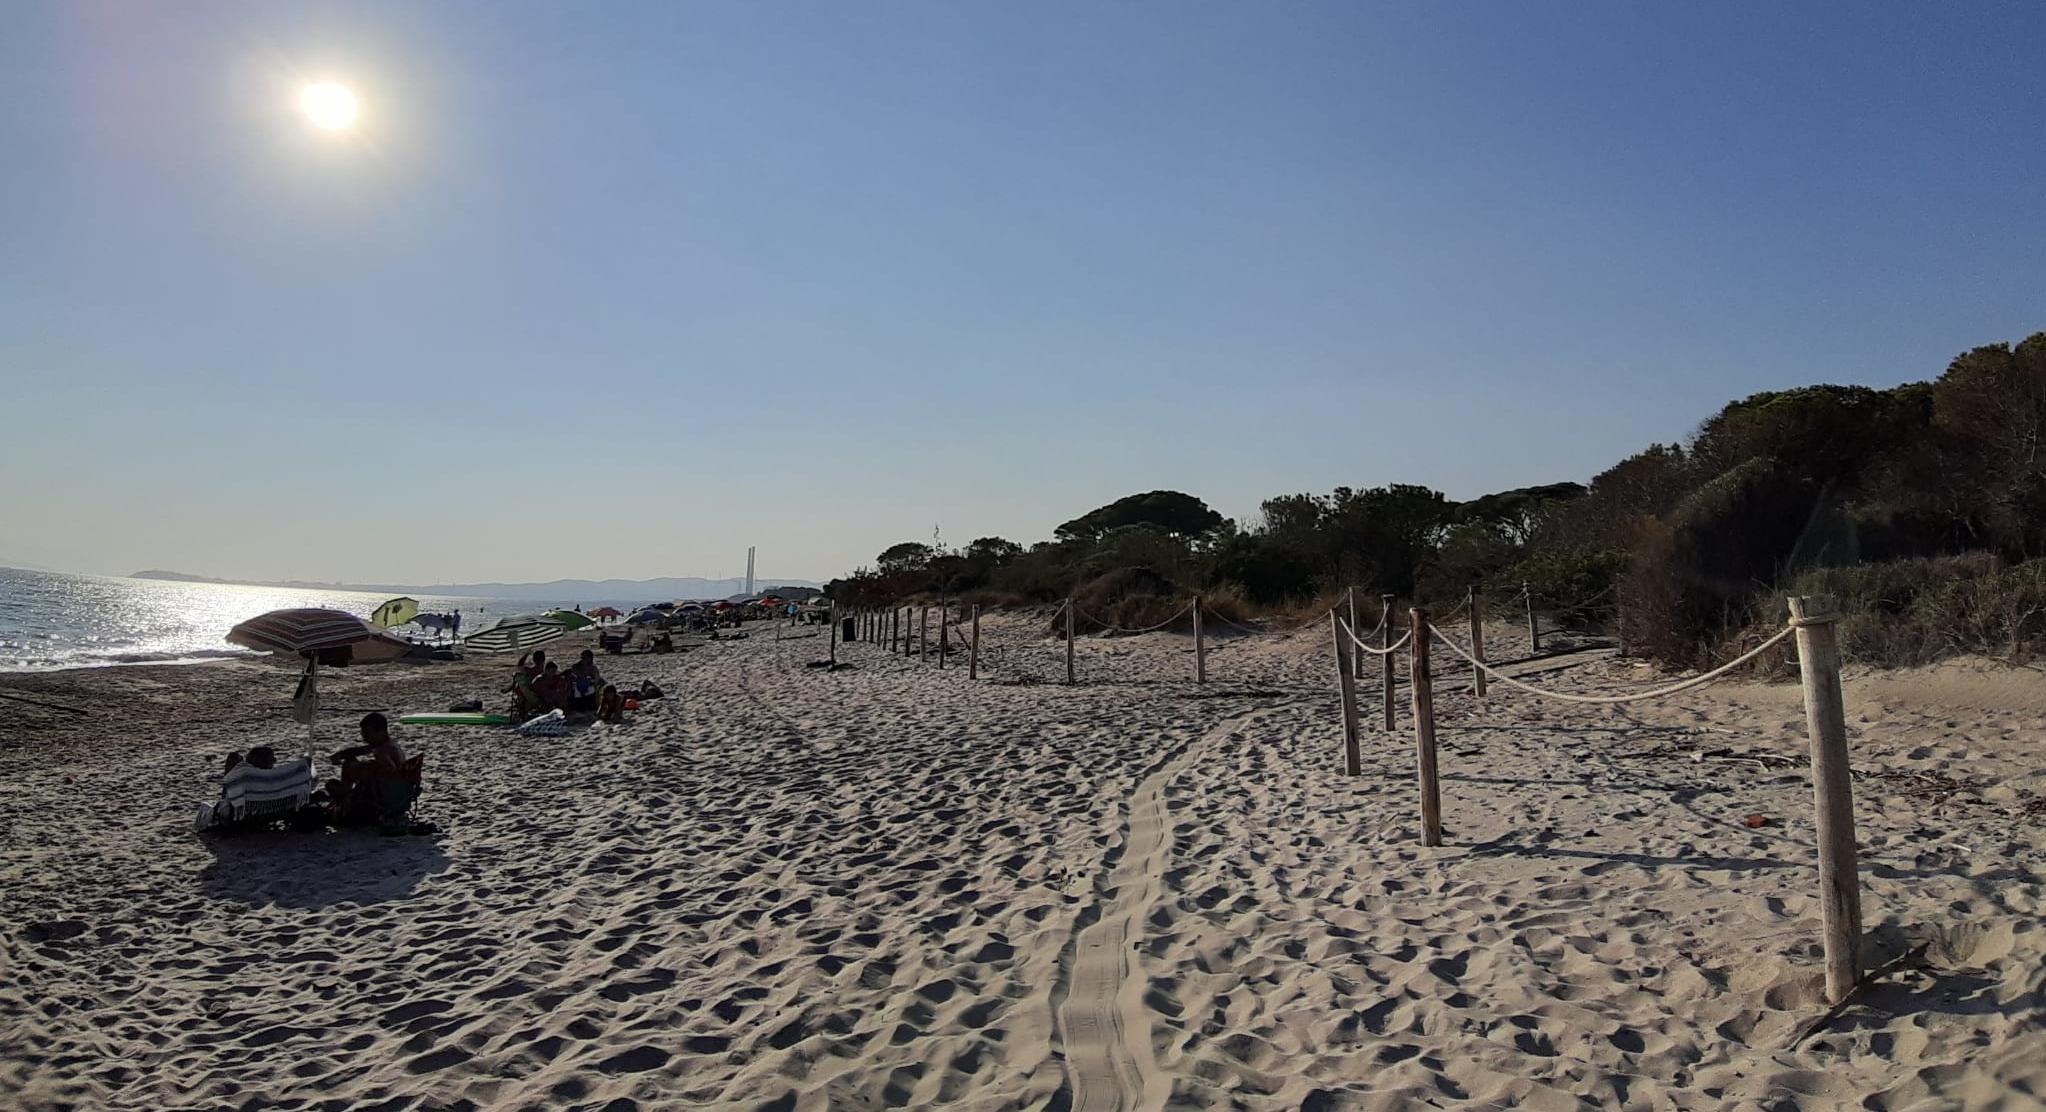 Parco costiero della Sterpaia spiaggia